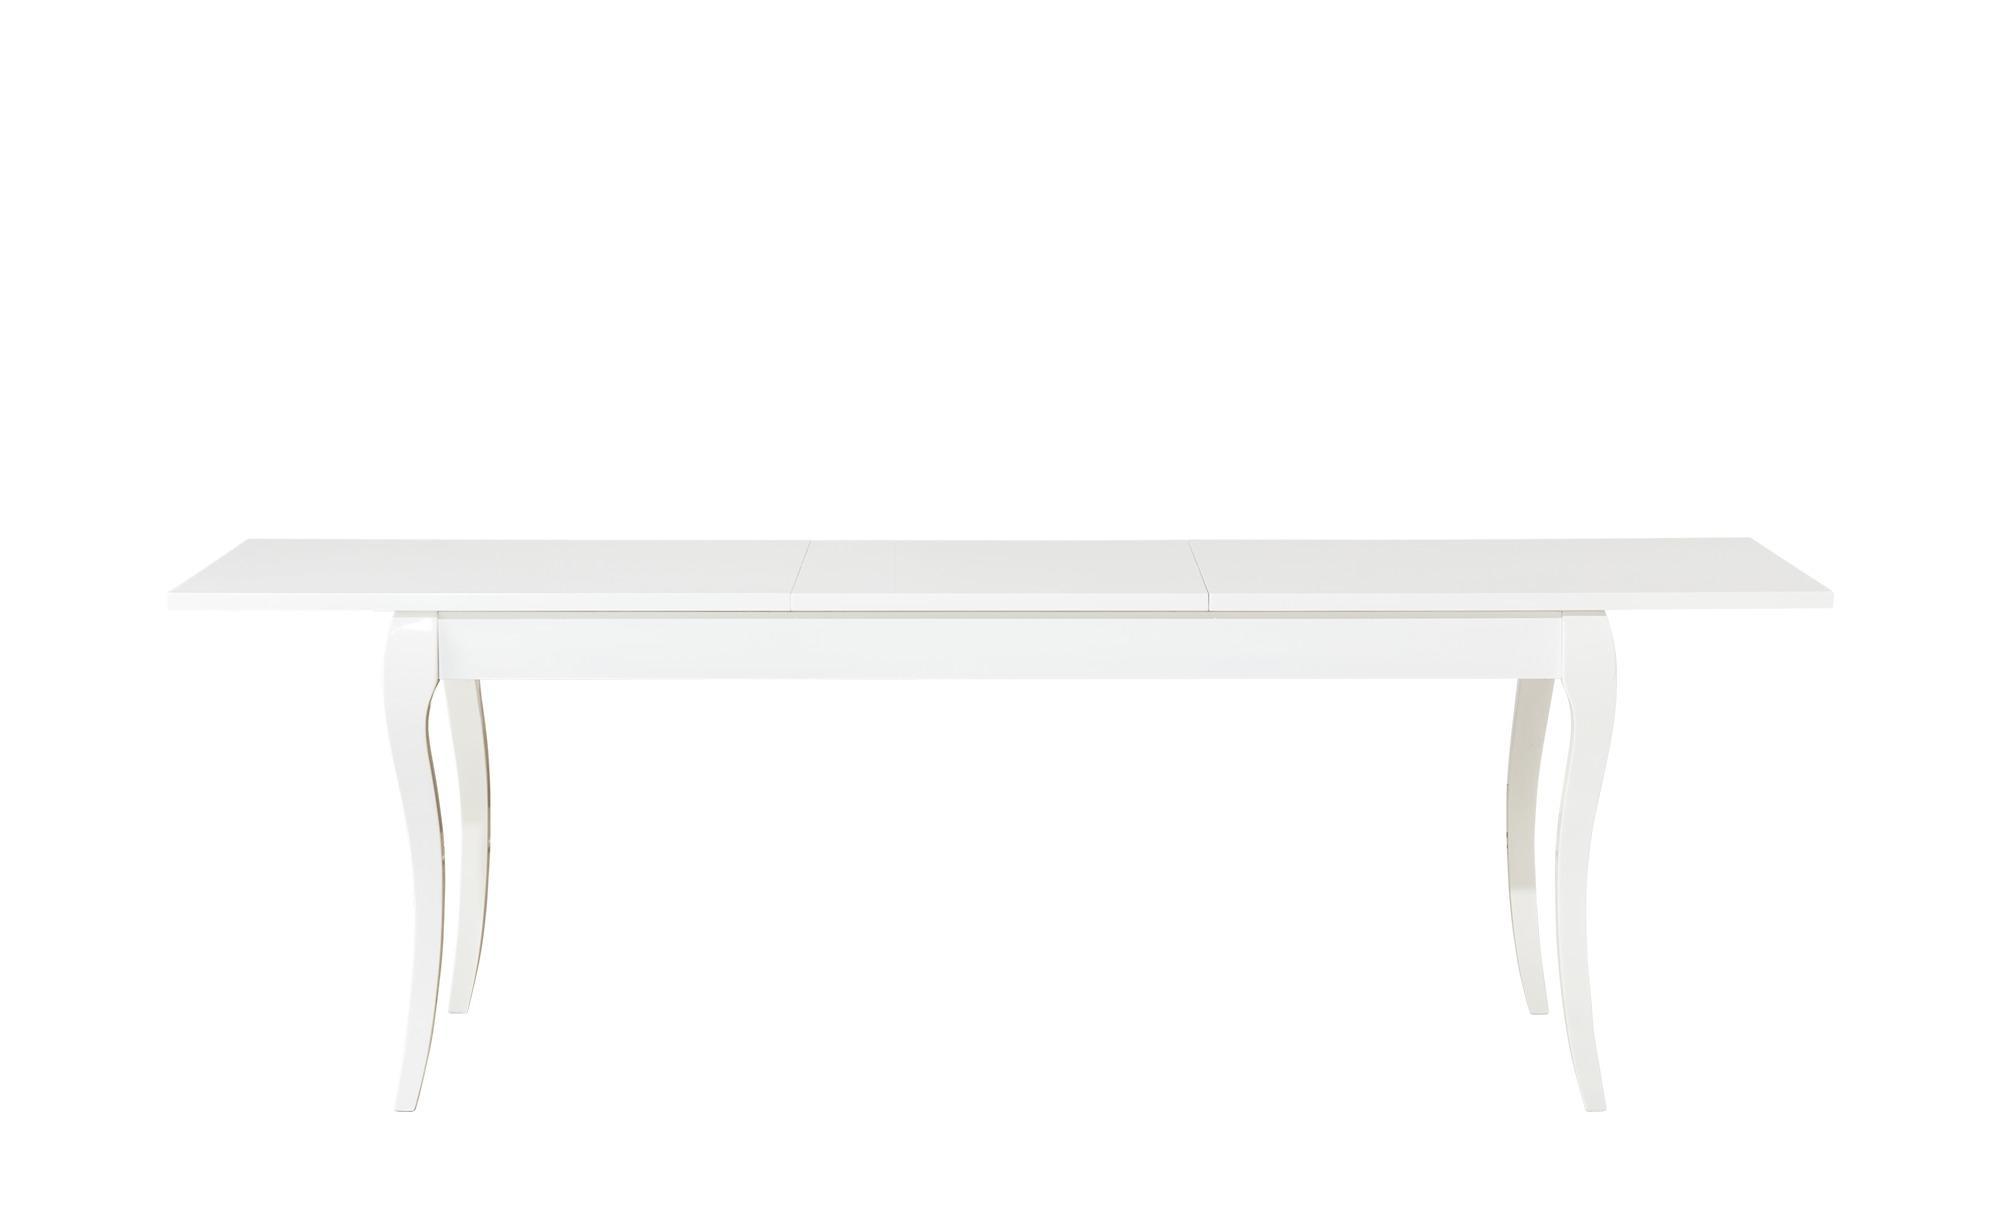 Ausziehbarer Esstisch Amelia Esstisch Ausziehbar Esstisch Tisch